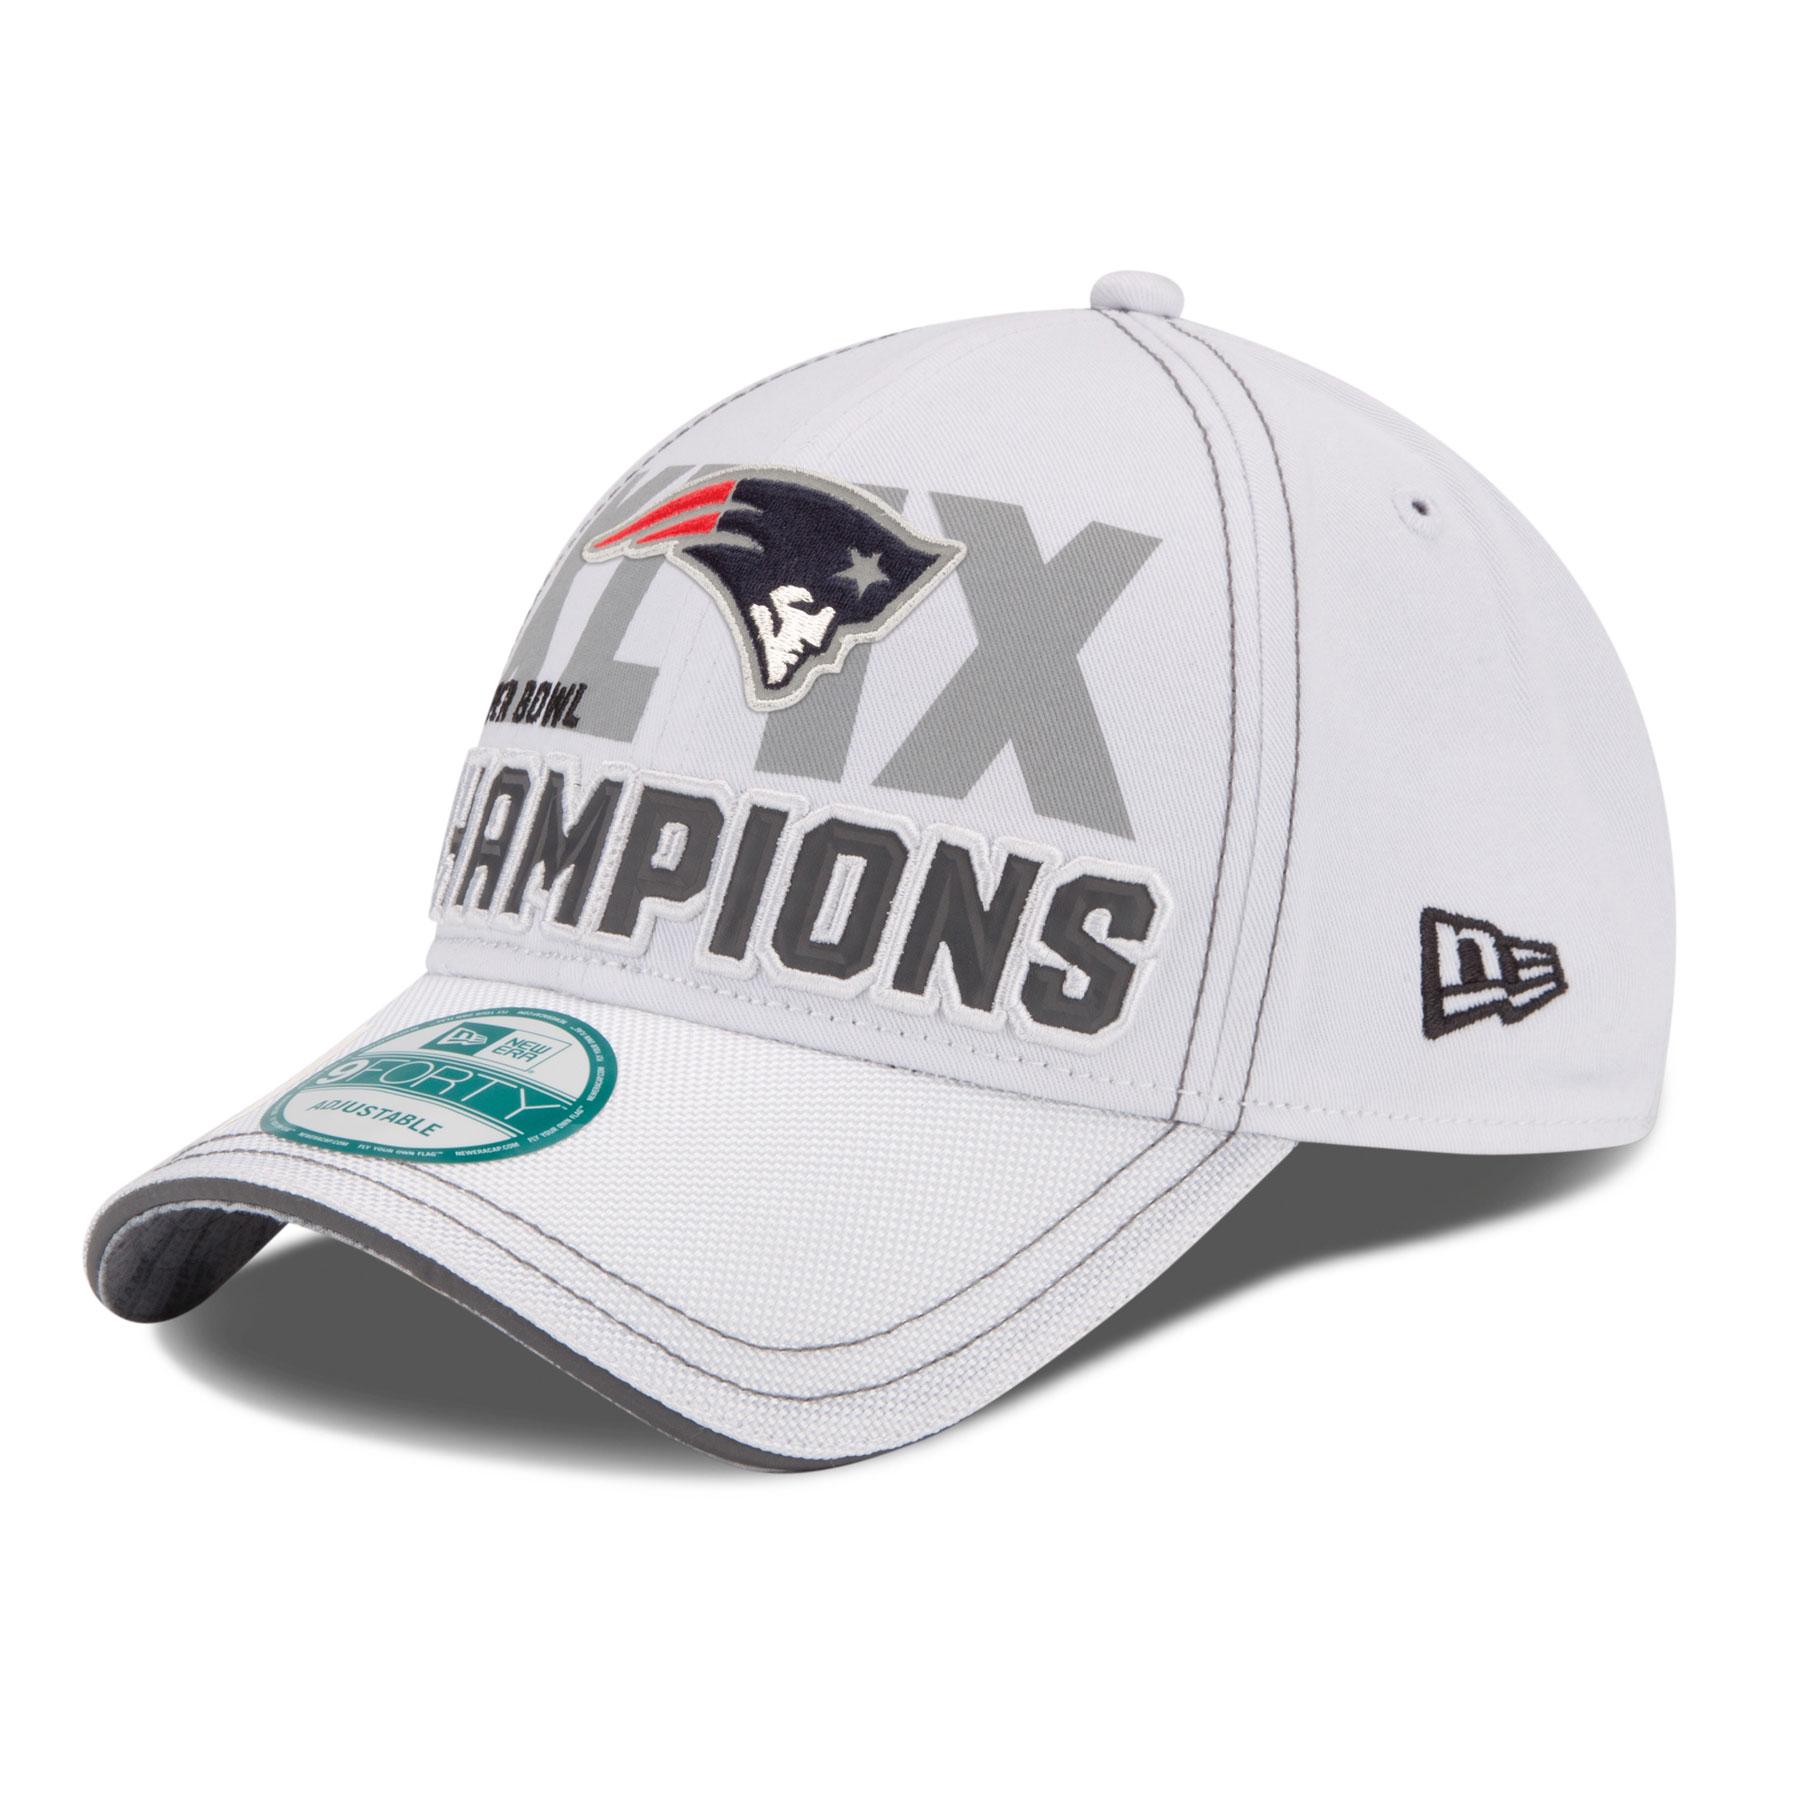 Patriots 2015 NFL Super Bowl XLIX Champions 9FORTY Locker Room Cap 1800x1800